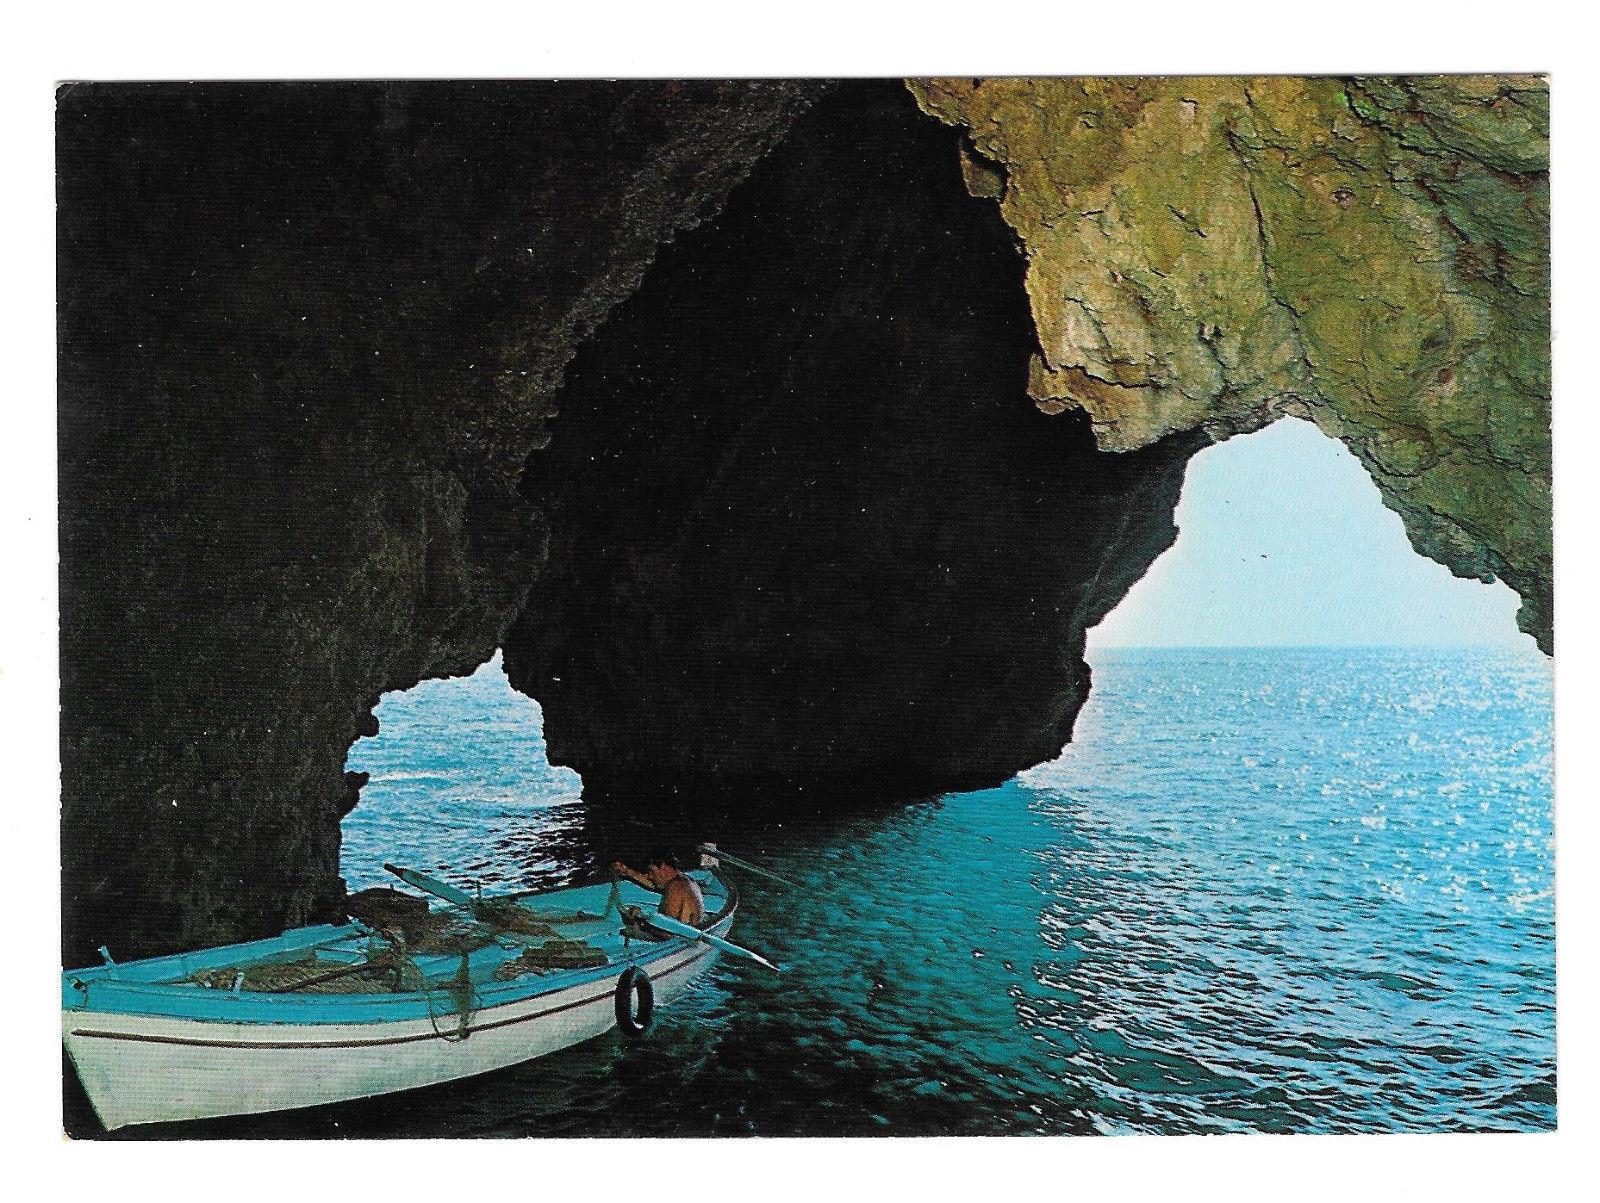 Italy Monte Argentario Porto Ercole Blue Grotto Sea Cave Vintage Postcard 4X6